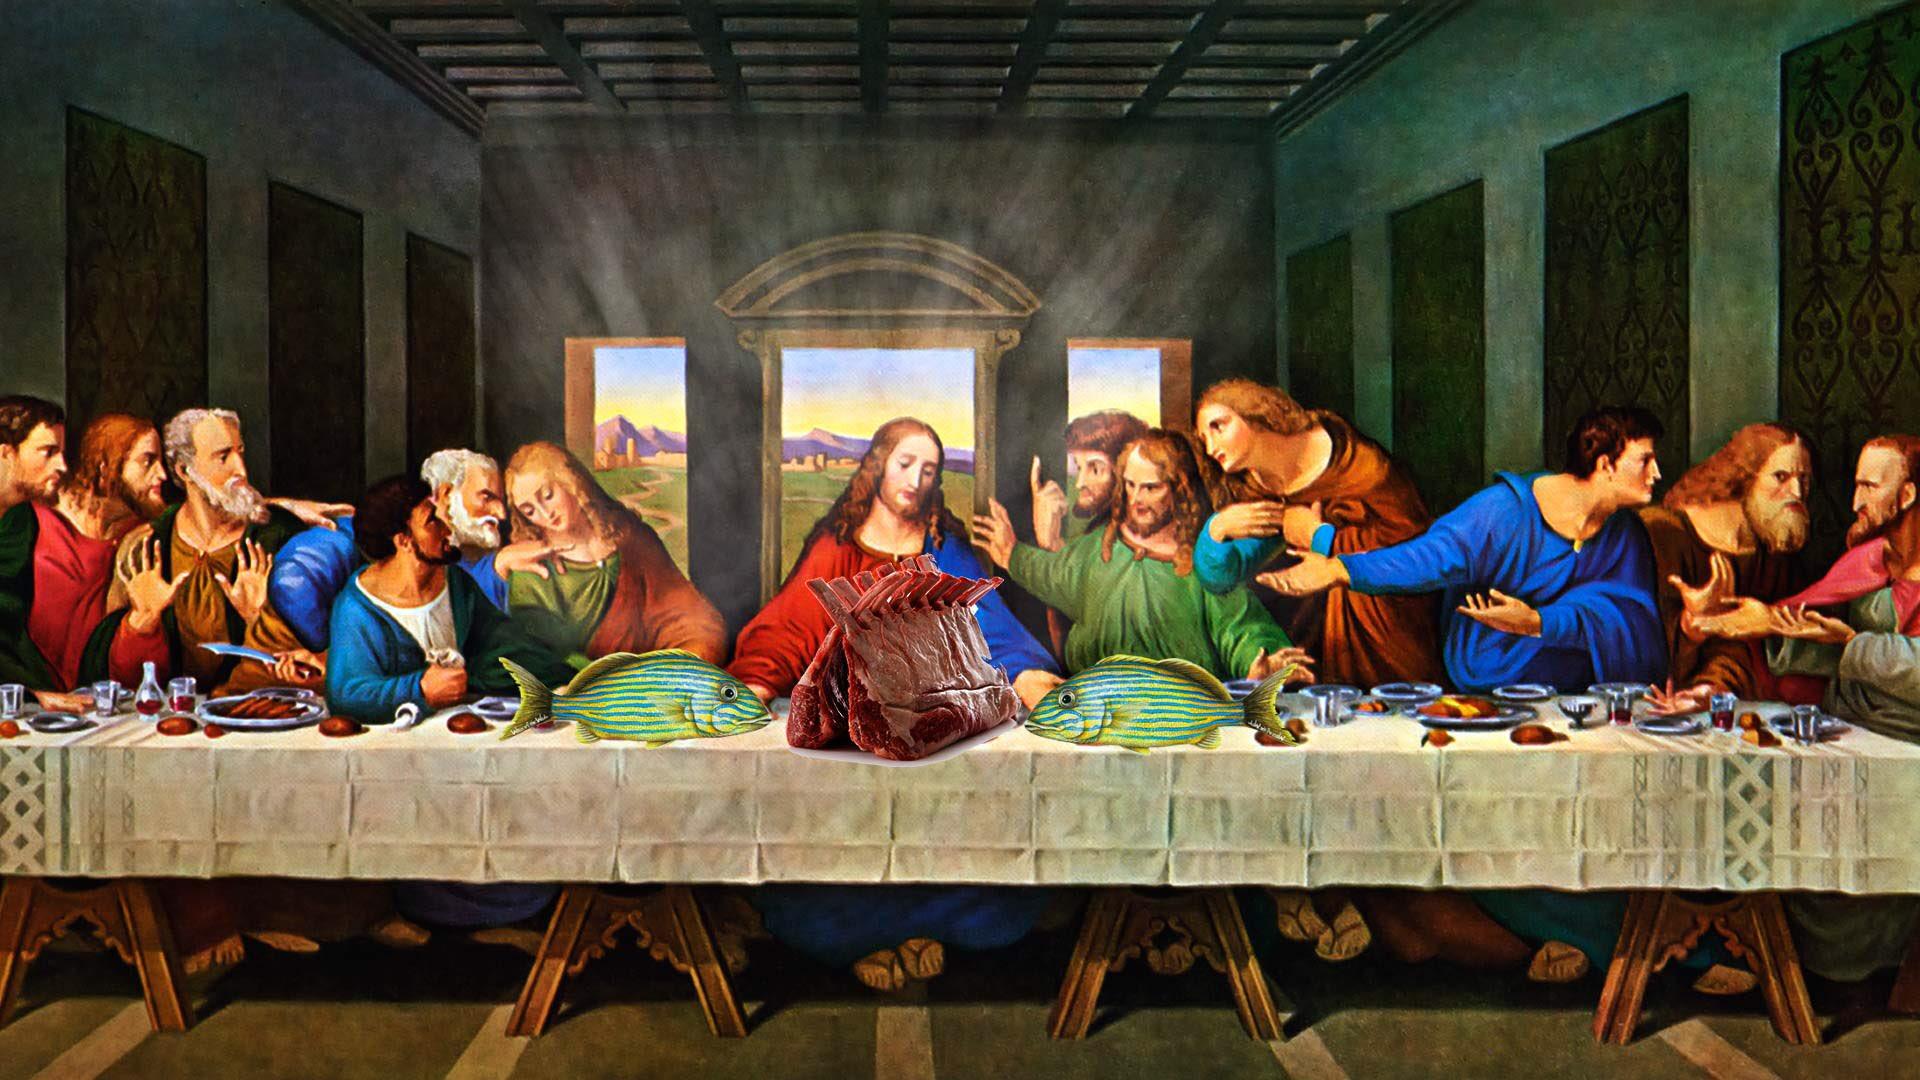 тайная вечеря пустой стол фото крепкая толстая доска